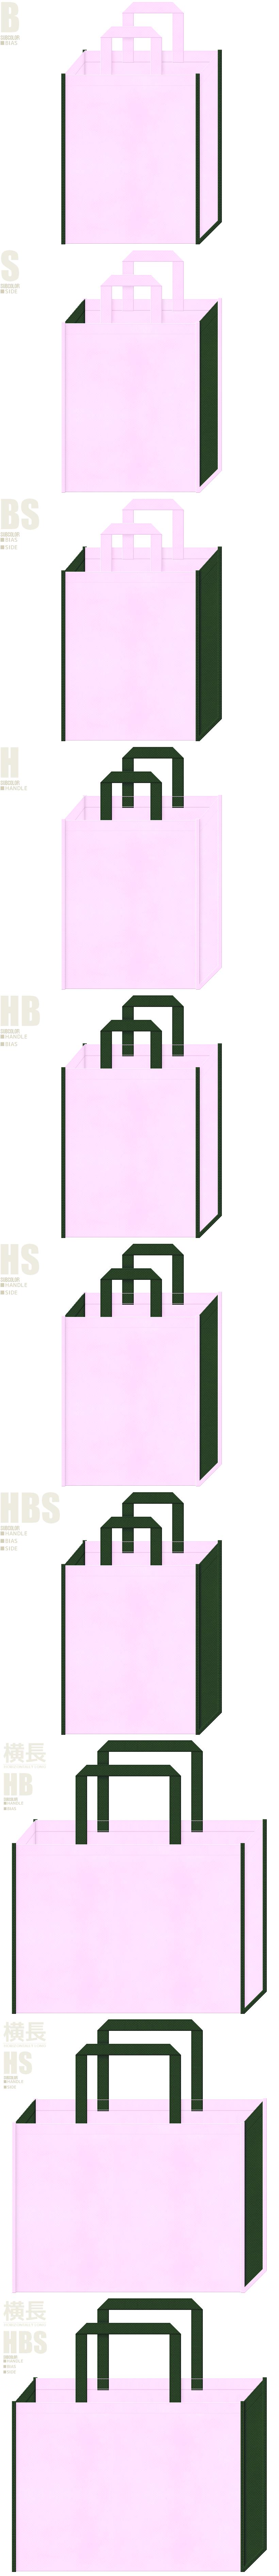 学校・オープンキャンパスにお奨めの、明るめのピンク色と濃緑色、7パターンの不織布トートバッグ配色デザイン例。